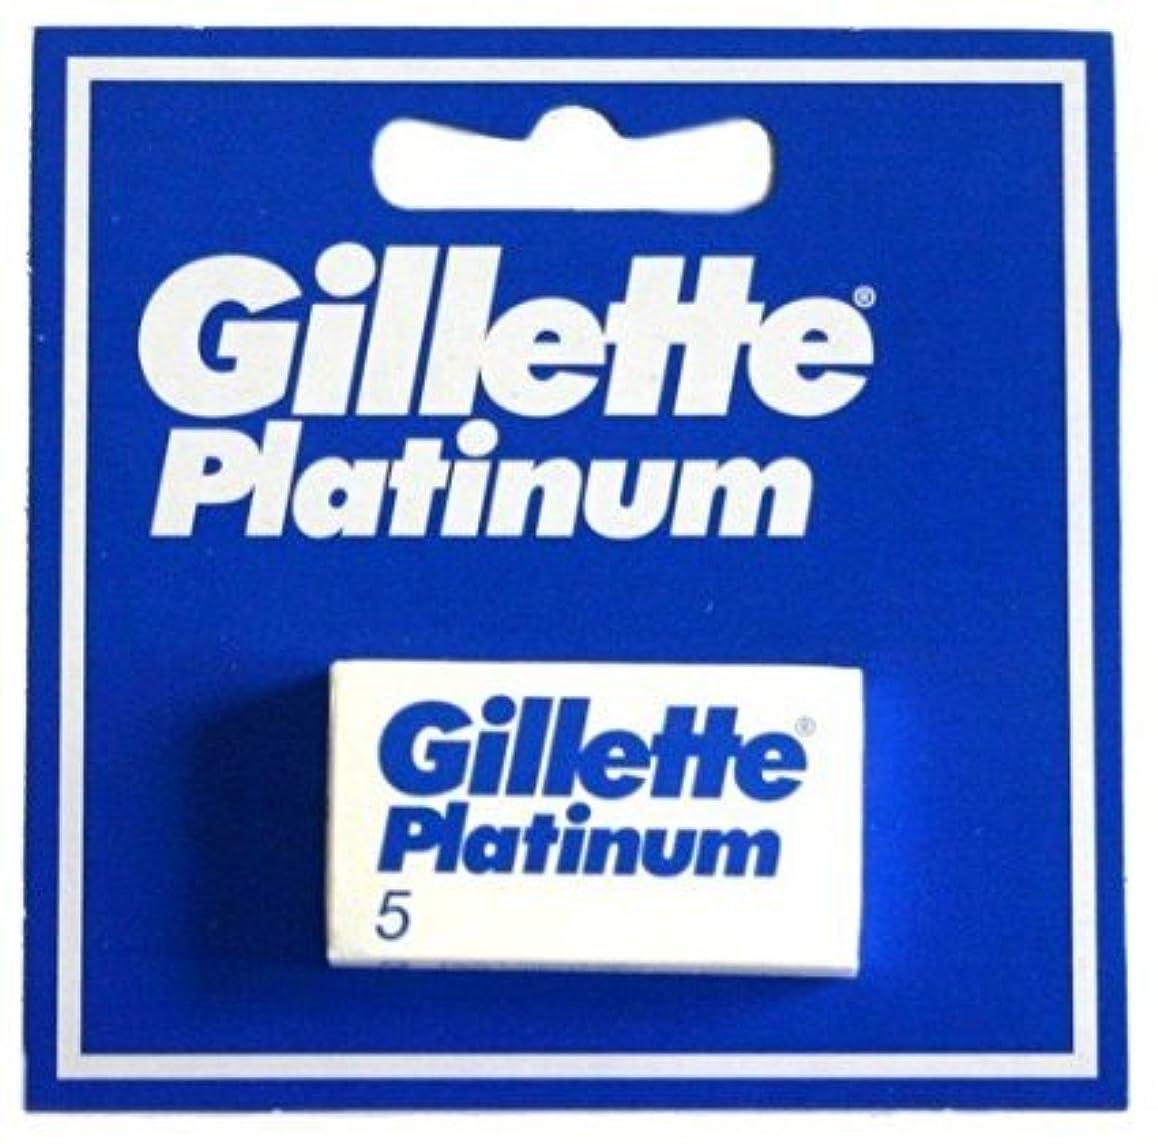 主婦ダイジェスト注目すべきGillette Platinum [プレミアムホワイトボックス版!] ジレット プラチナ 両刃替刃 20個入り (5*4) [海外直送品] [並行輸入品]